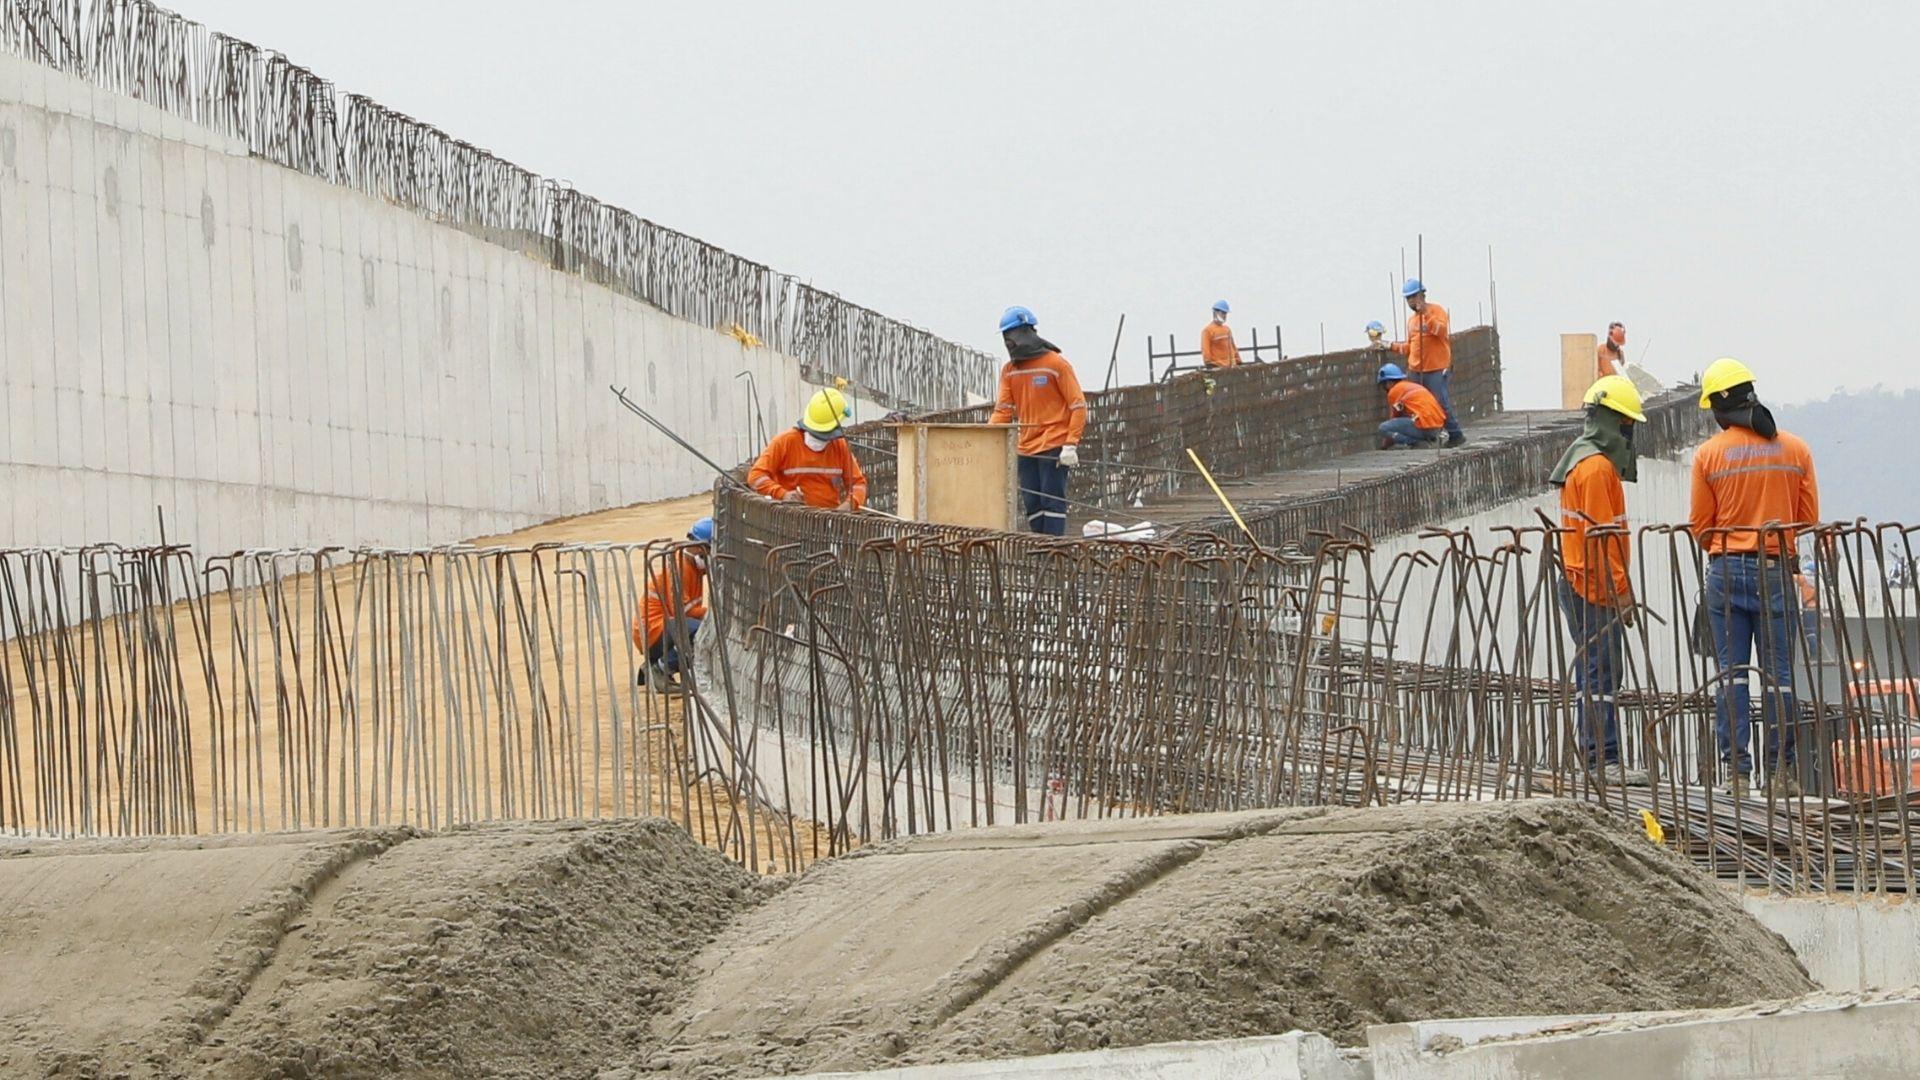 La campaña Construimos Ecuador de Constructores Positivos impulsa la reactivación económica del país